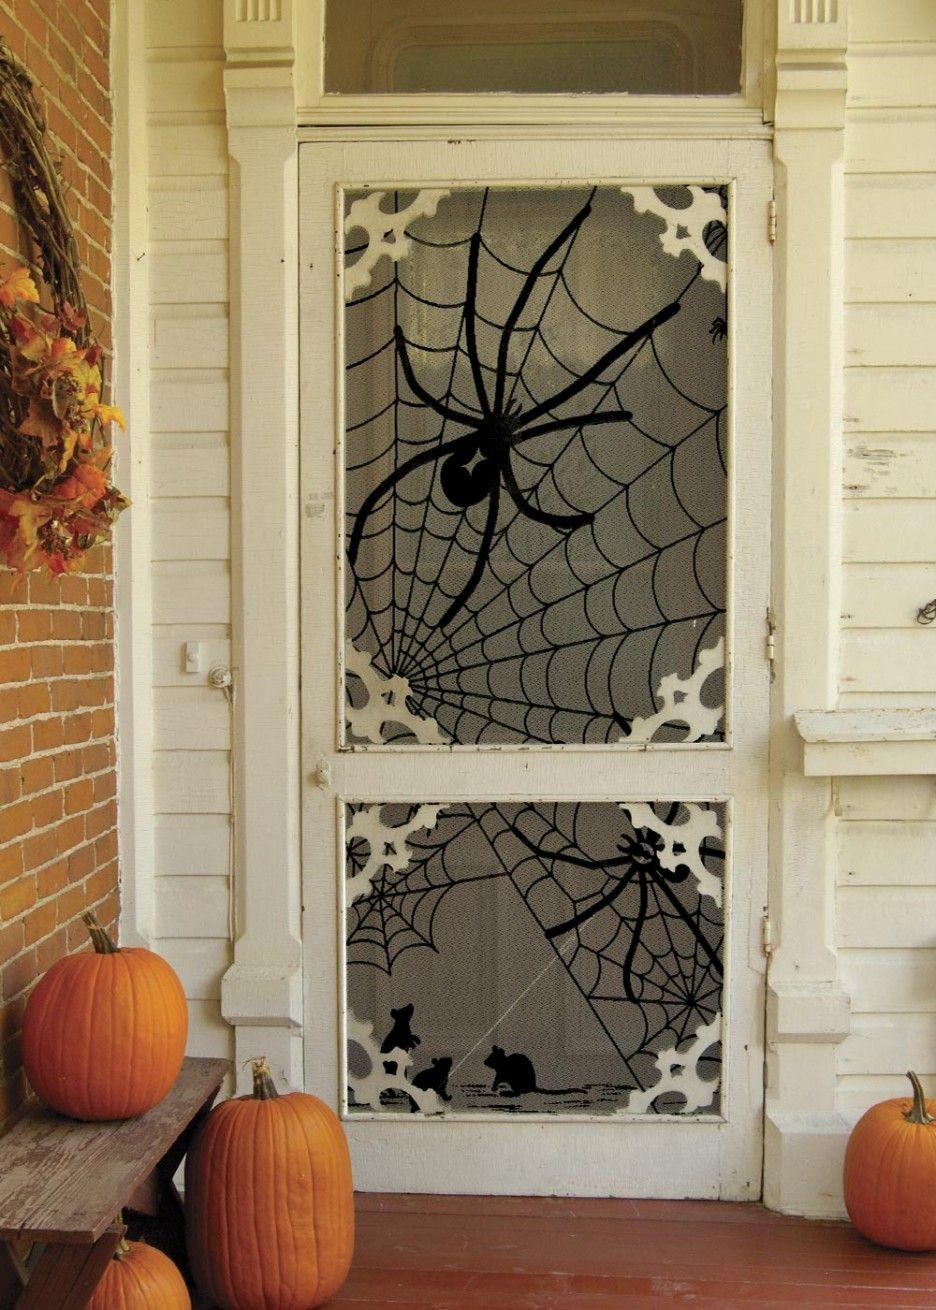 Outdoor Outdoor Inspiring Front Door Decorating Ideas Creative Front Door Decorating Idea For Halloween Come Halloween Door Decorations Halloween Door Outdoor Halloween